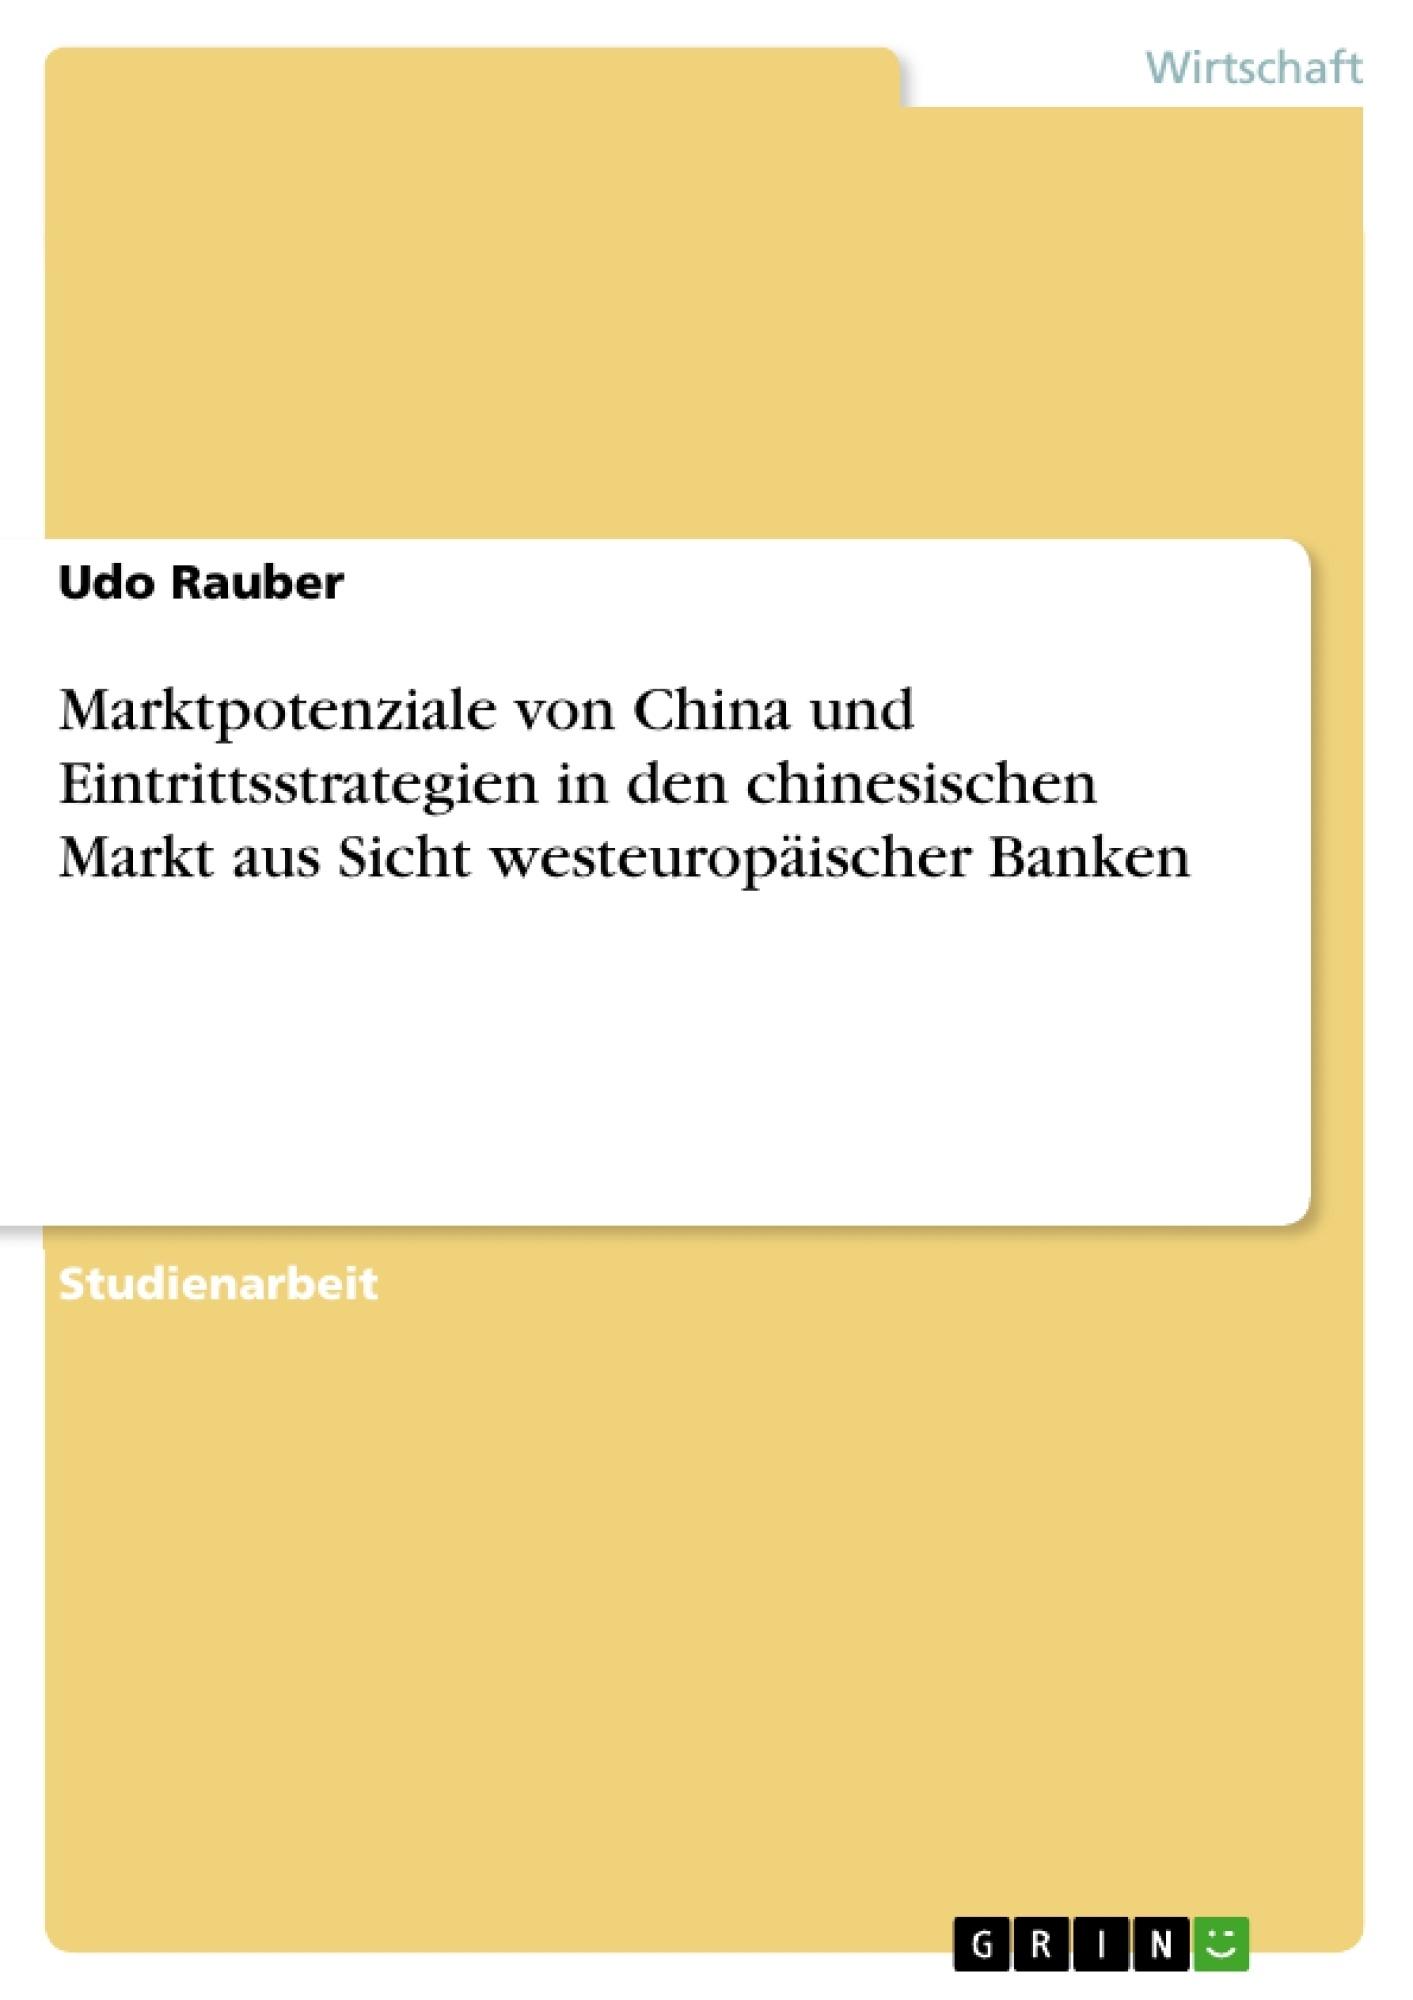 Titel: Marktpotenziale von China und Eintrittsstrategien in den chinesischen Markt aus Sicht westeuropäischer Banken